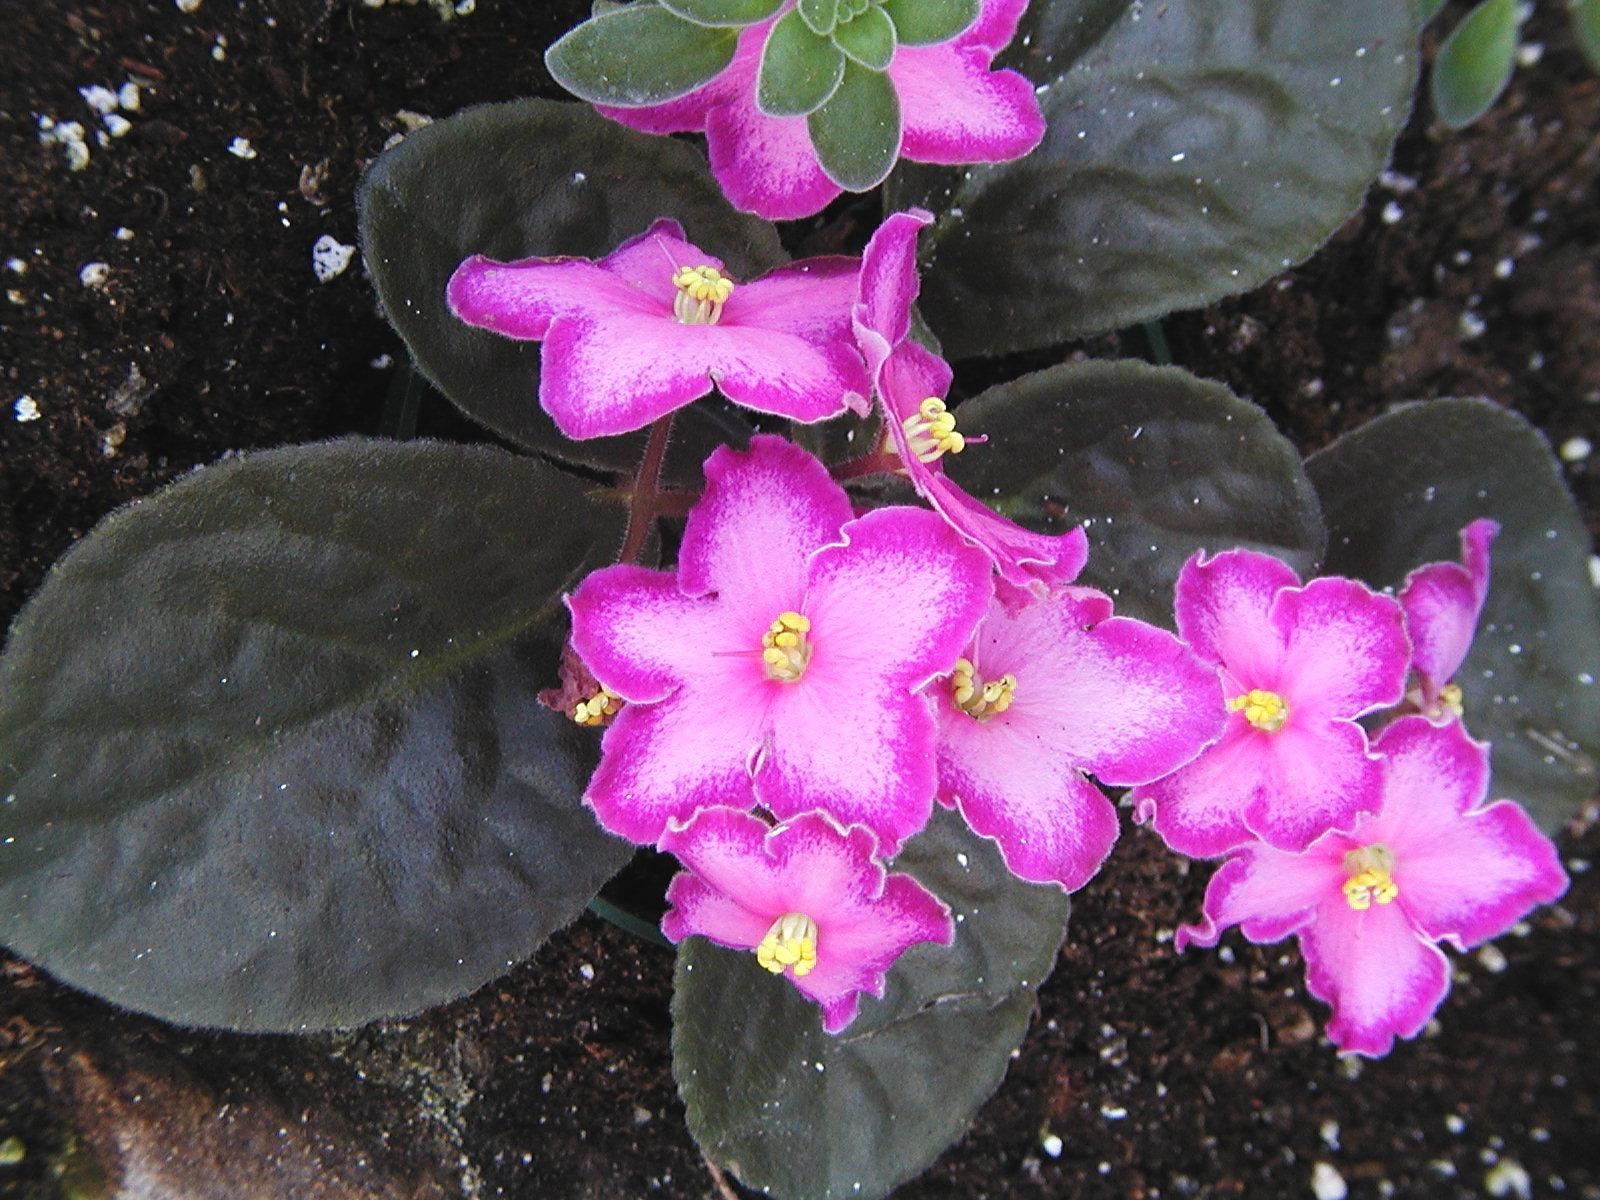 Violette africaine le saintpaulia espace pour la vie for Violette africane